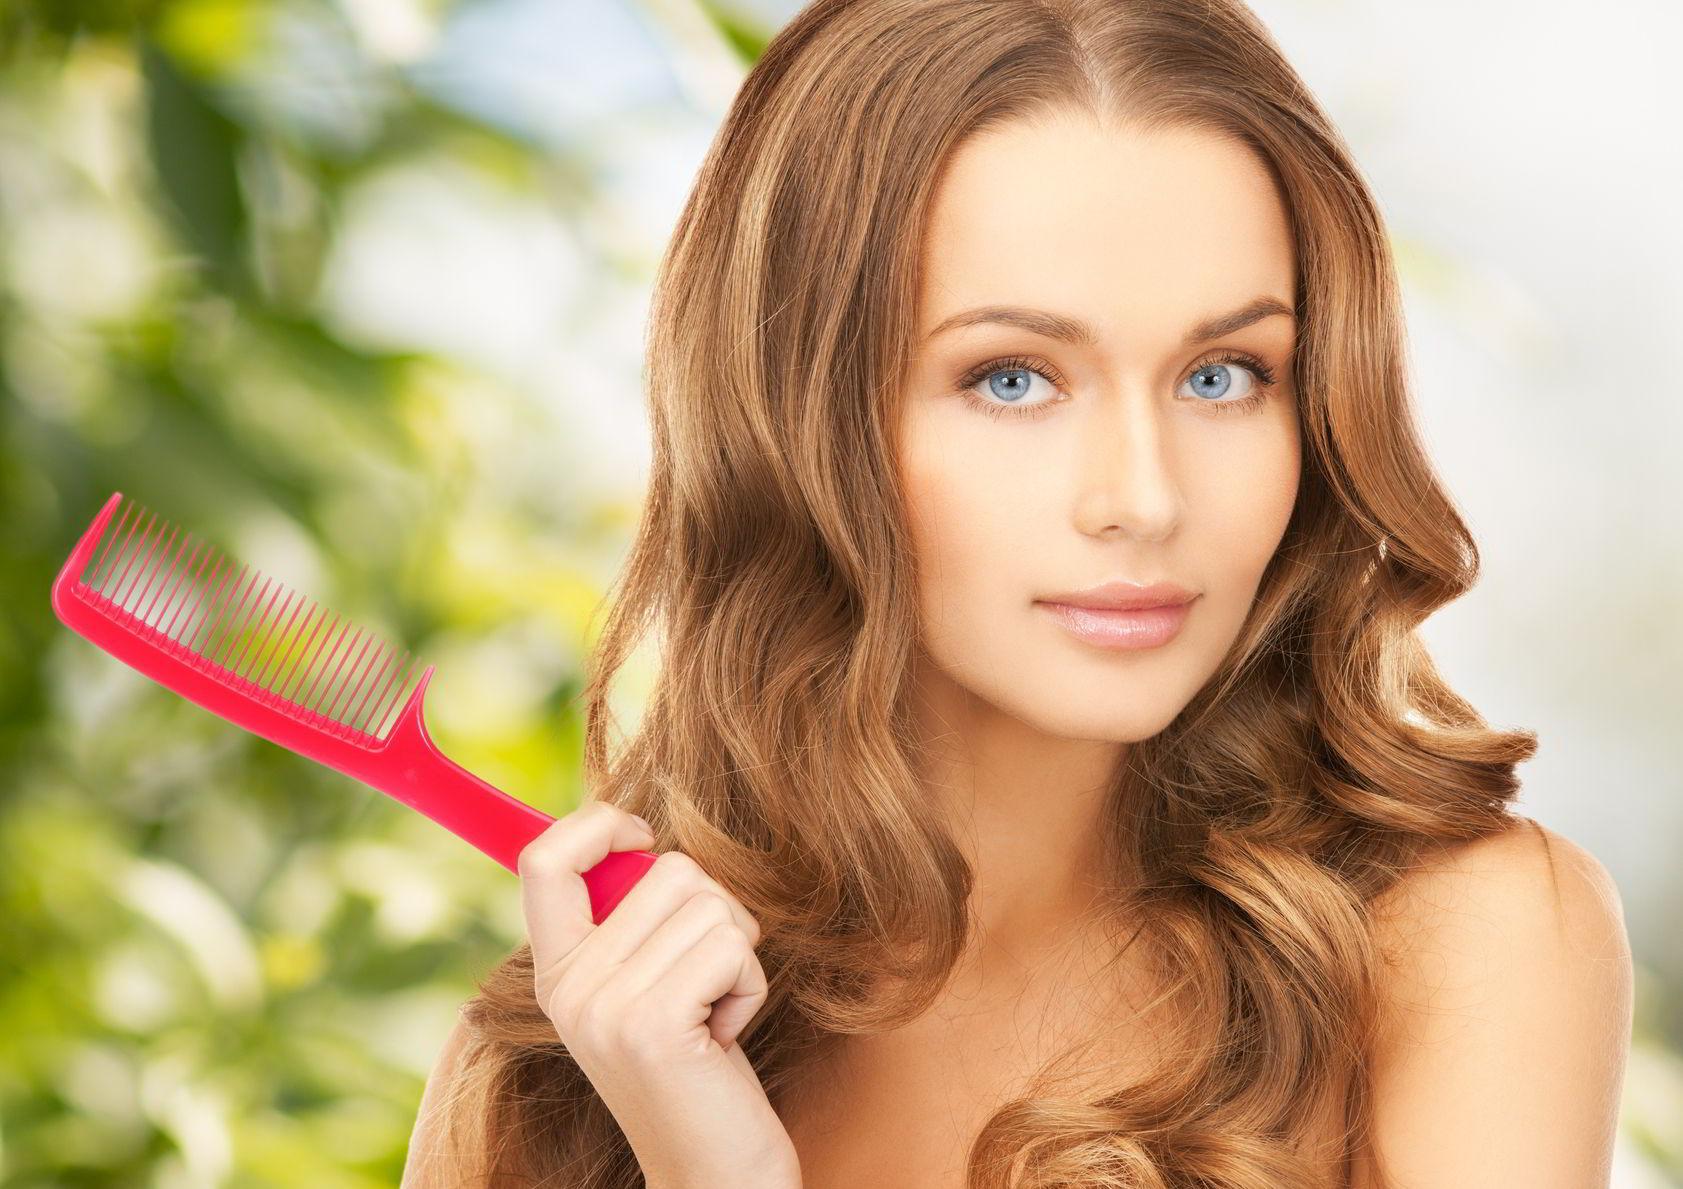 Уход за волосами для женщин за 30 лет: советы и рекомендации